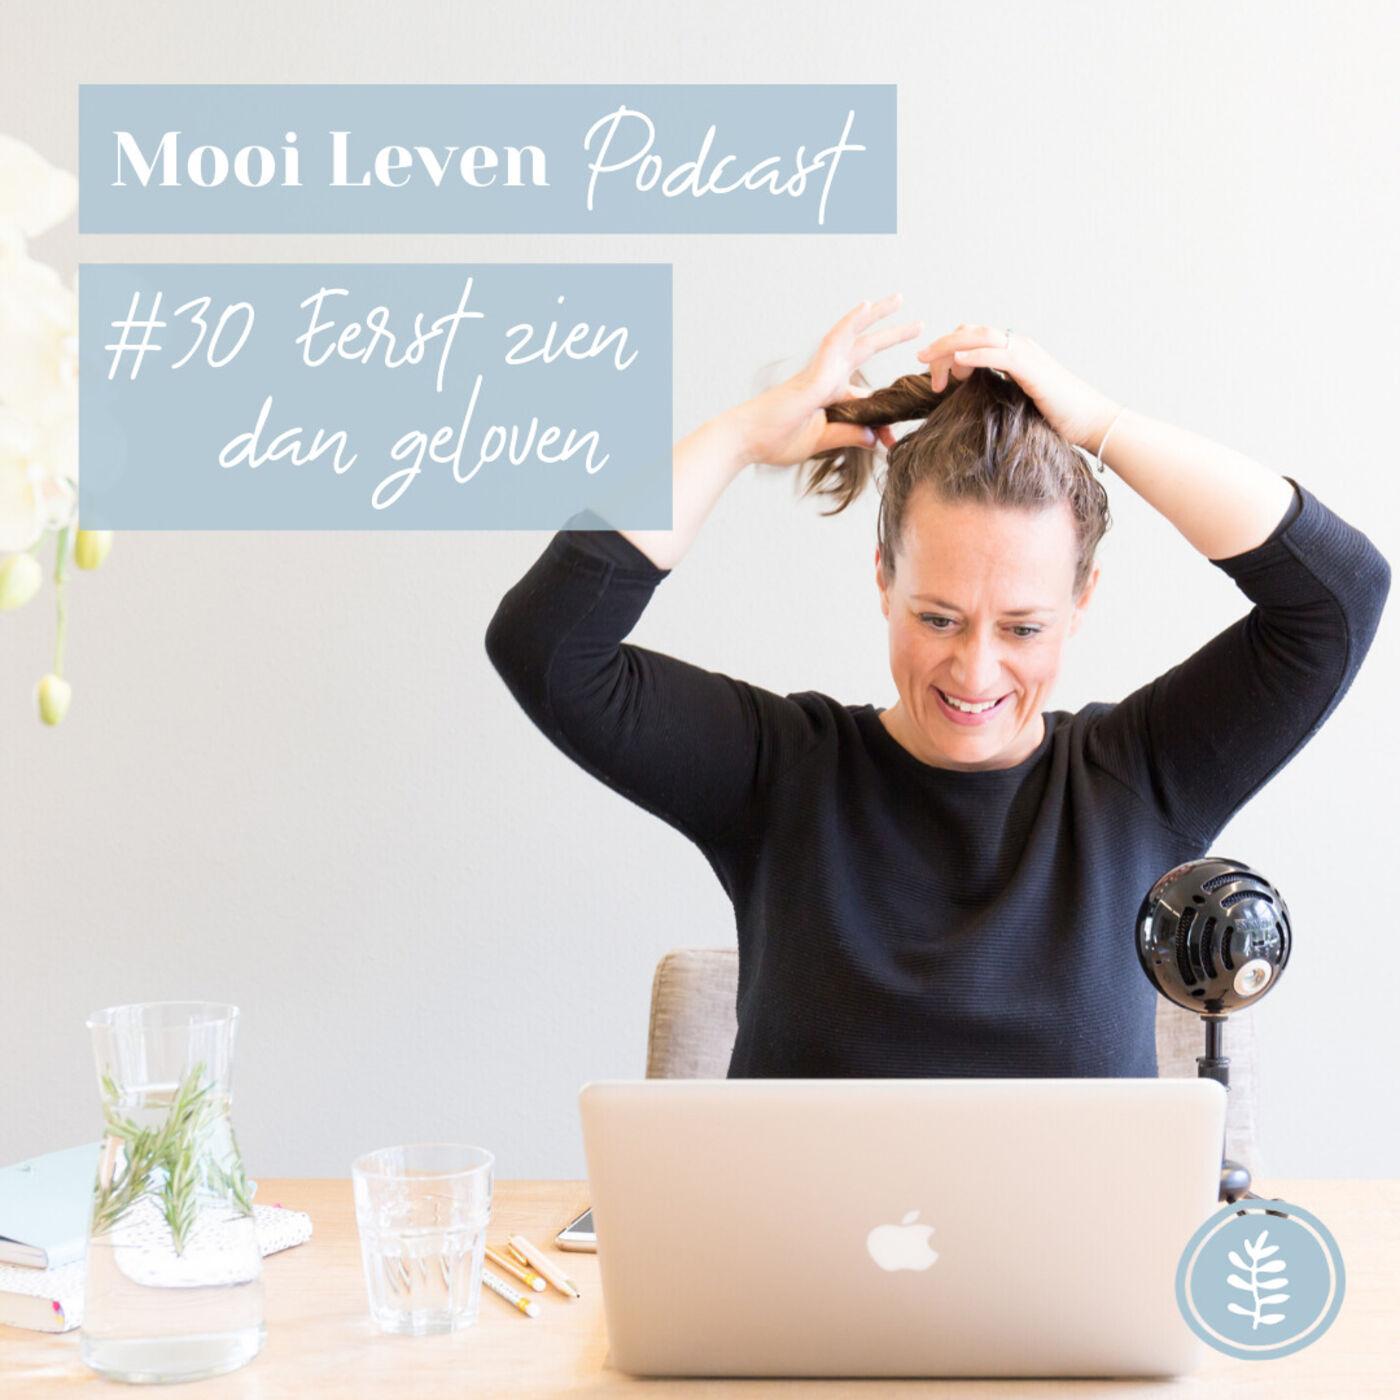 Mooi Leven Podcast #30 | Eerst geloven dan zien